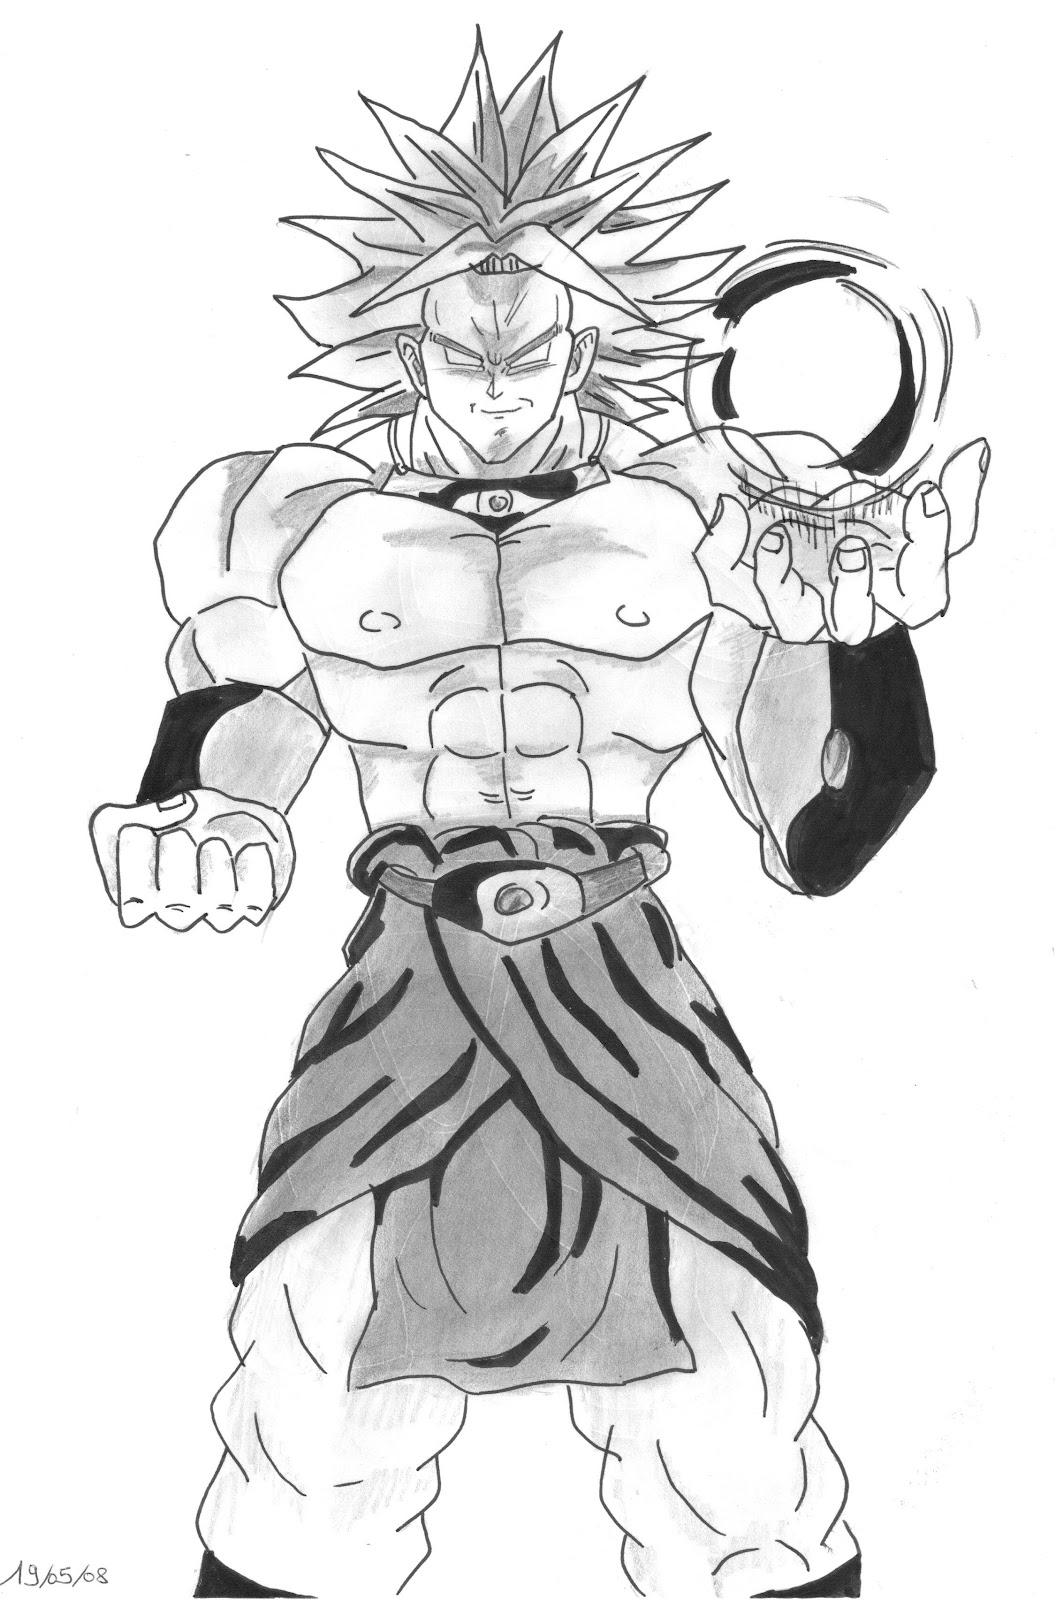 Image De Dragon Ball Z En Noir Et Blanc Image De